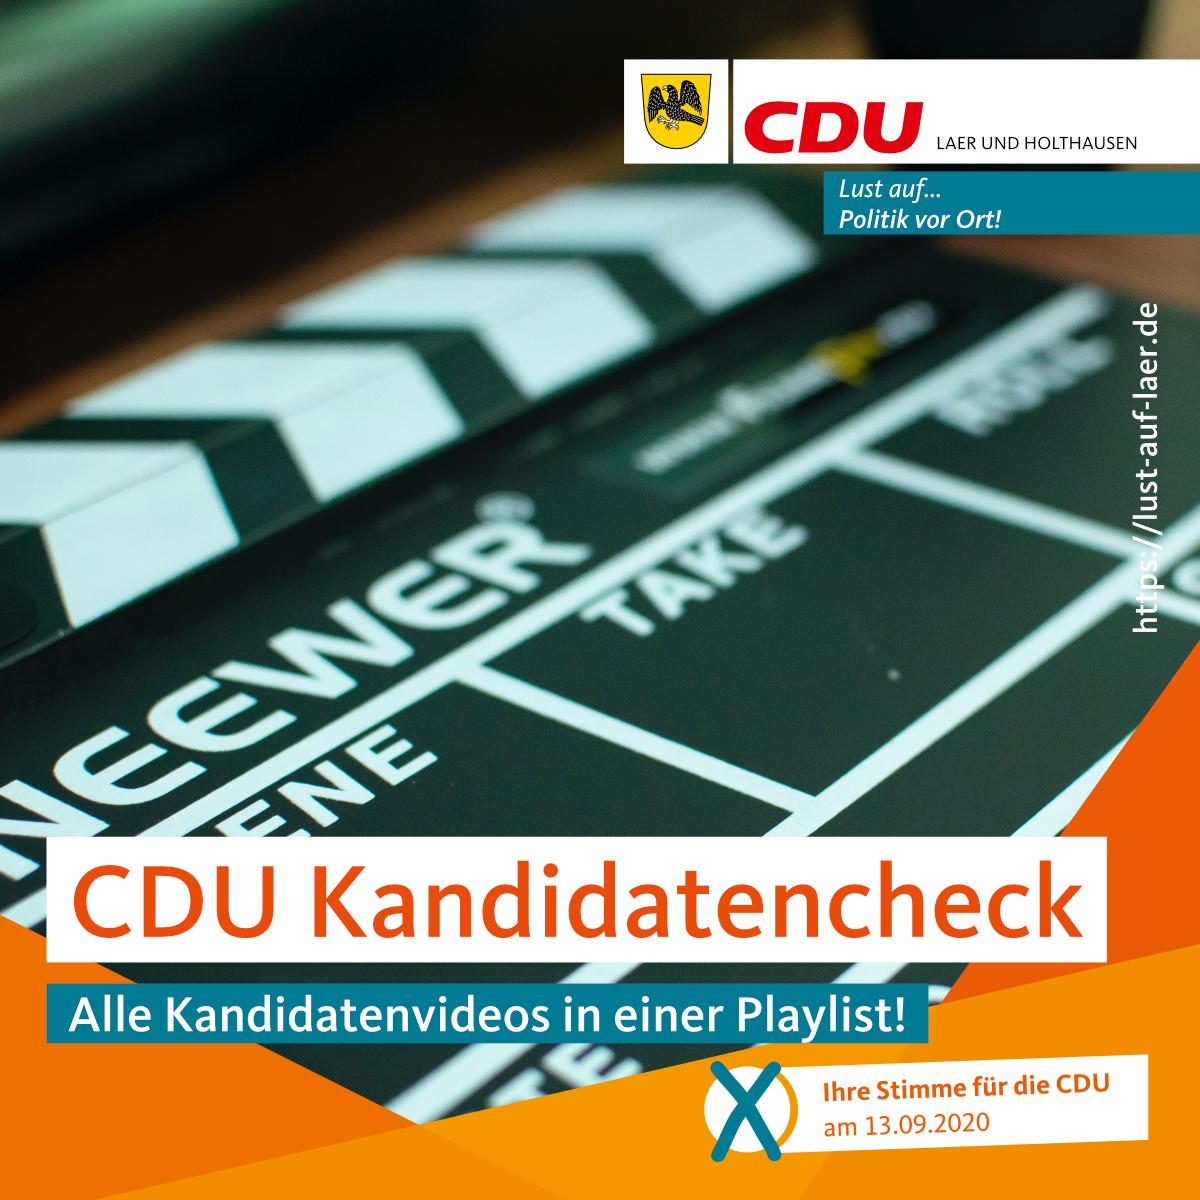 CDU Kandidatencheck